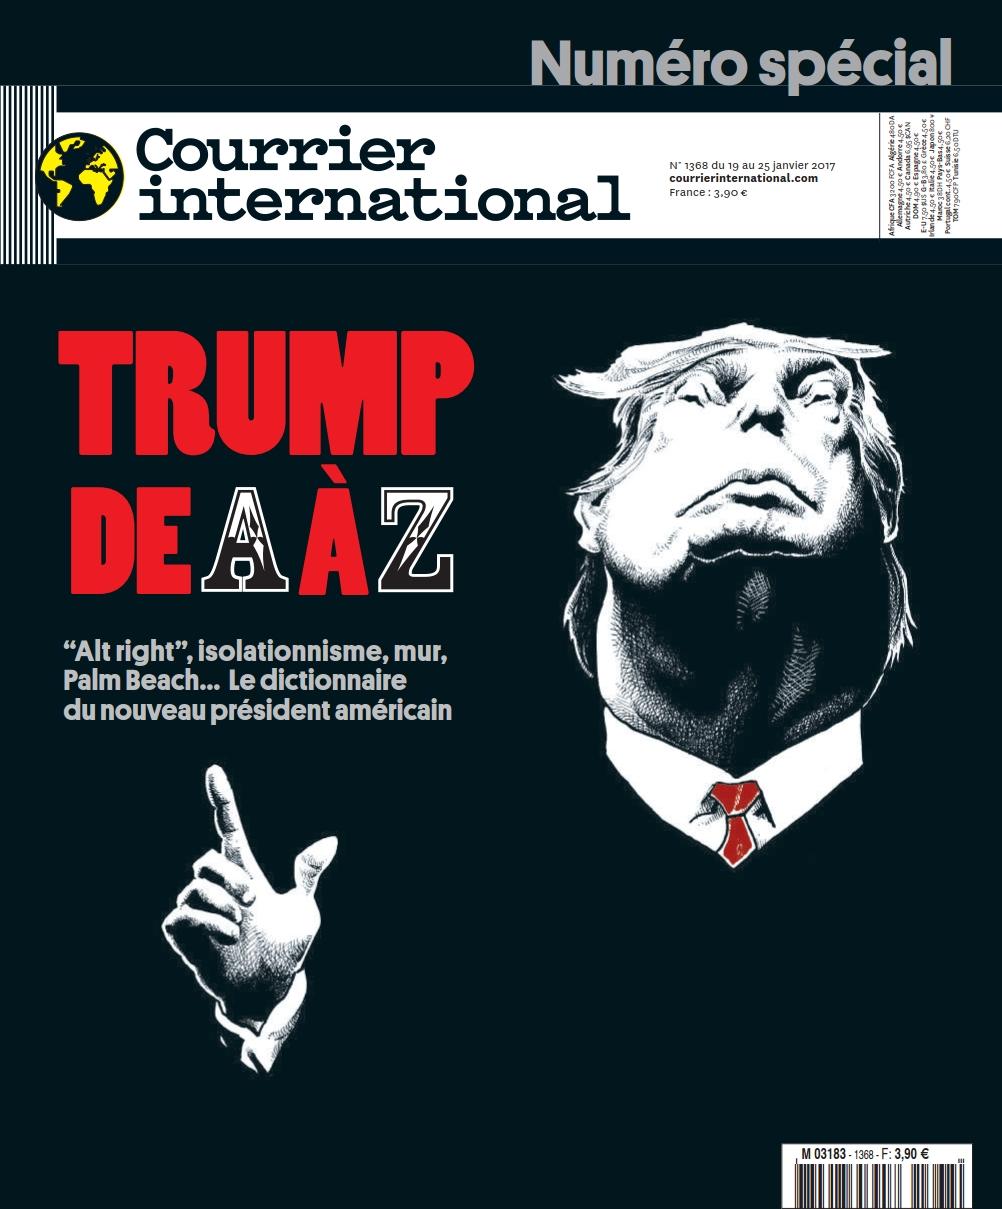 Courrier international N°1368 - 19 au 25 Janvier 2017